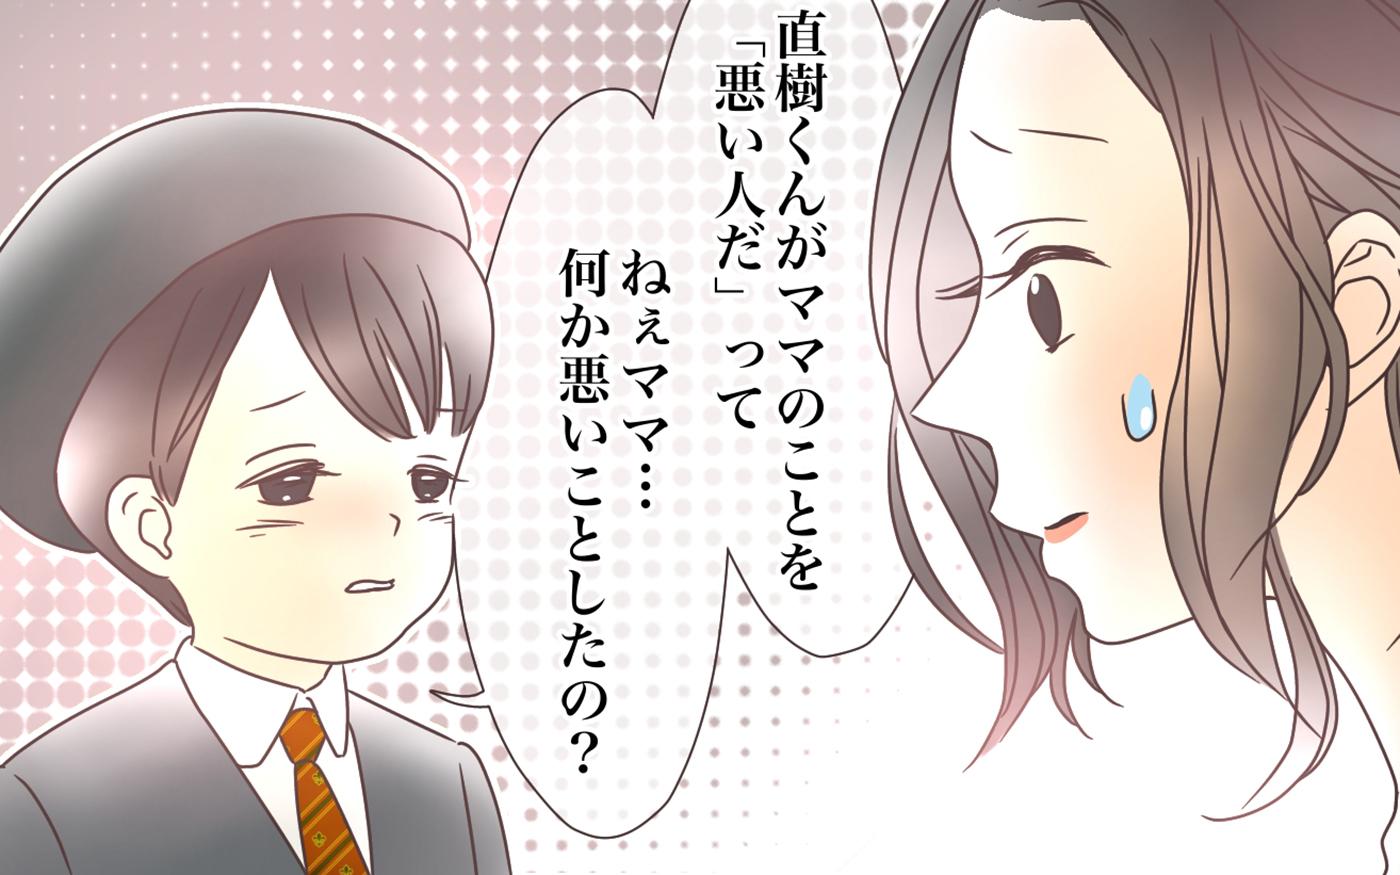 オシャレを強要するママ友…しかしある噂が予想外の事態を引き起こす!(4)